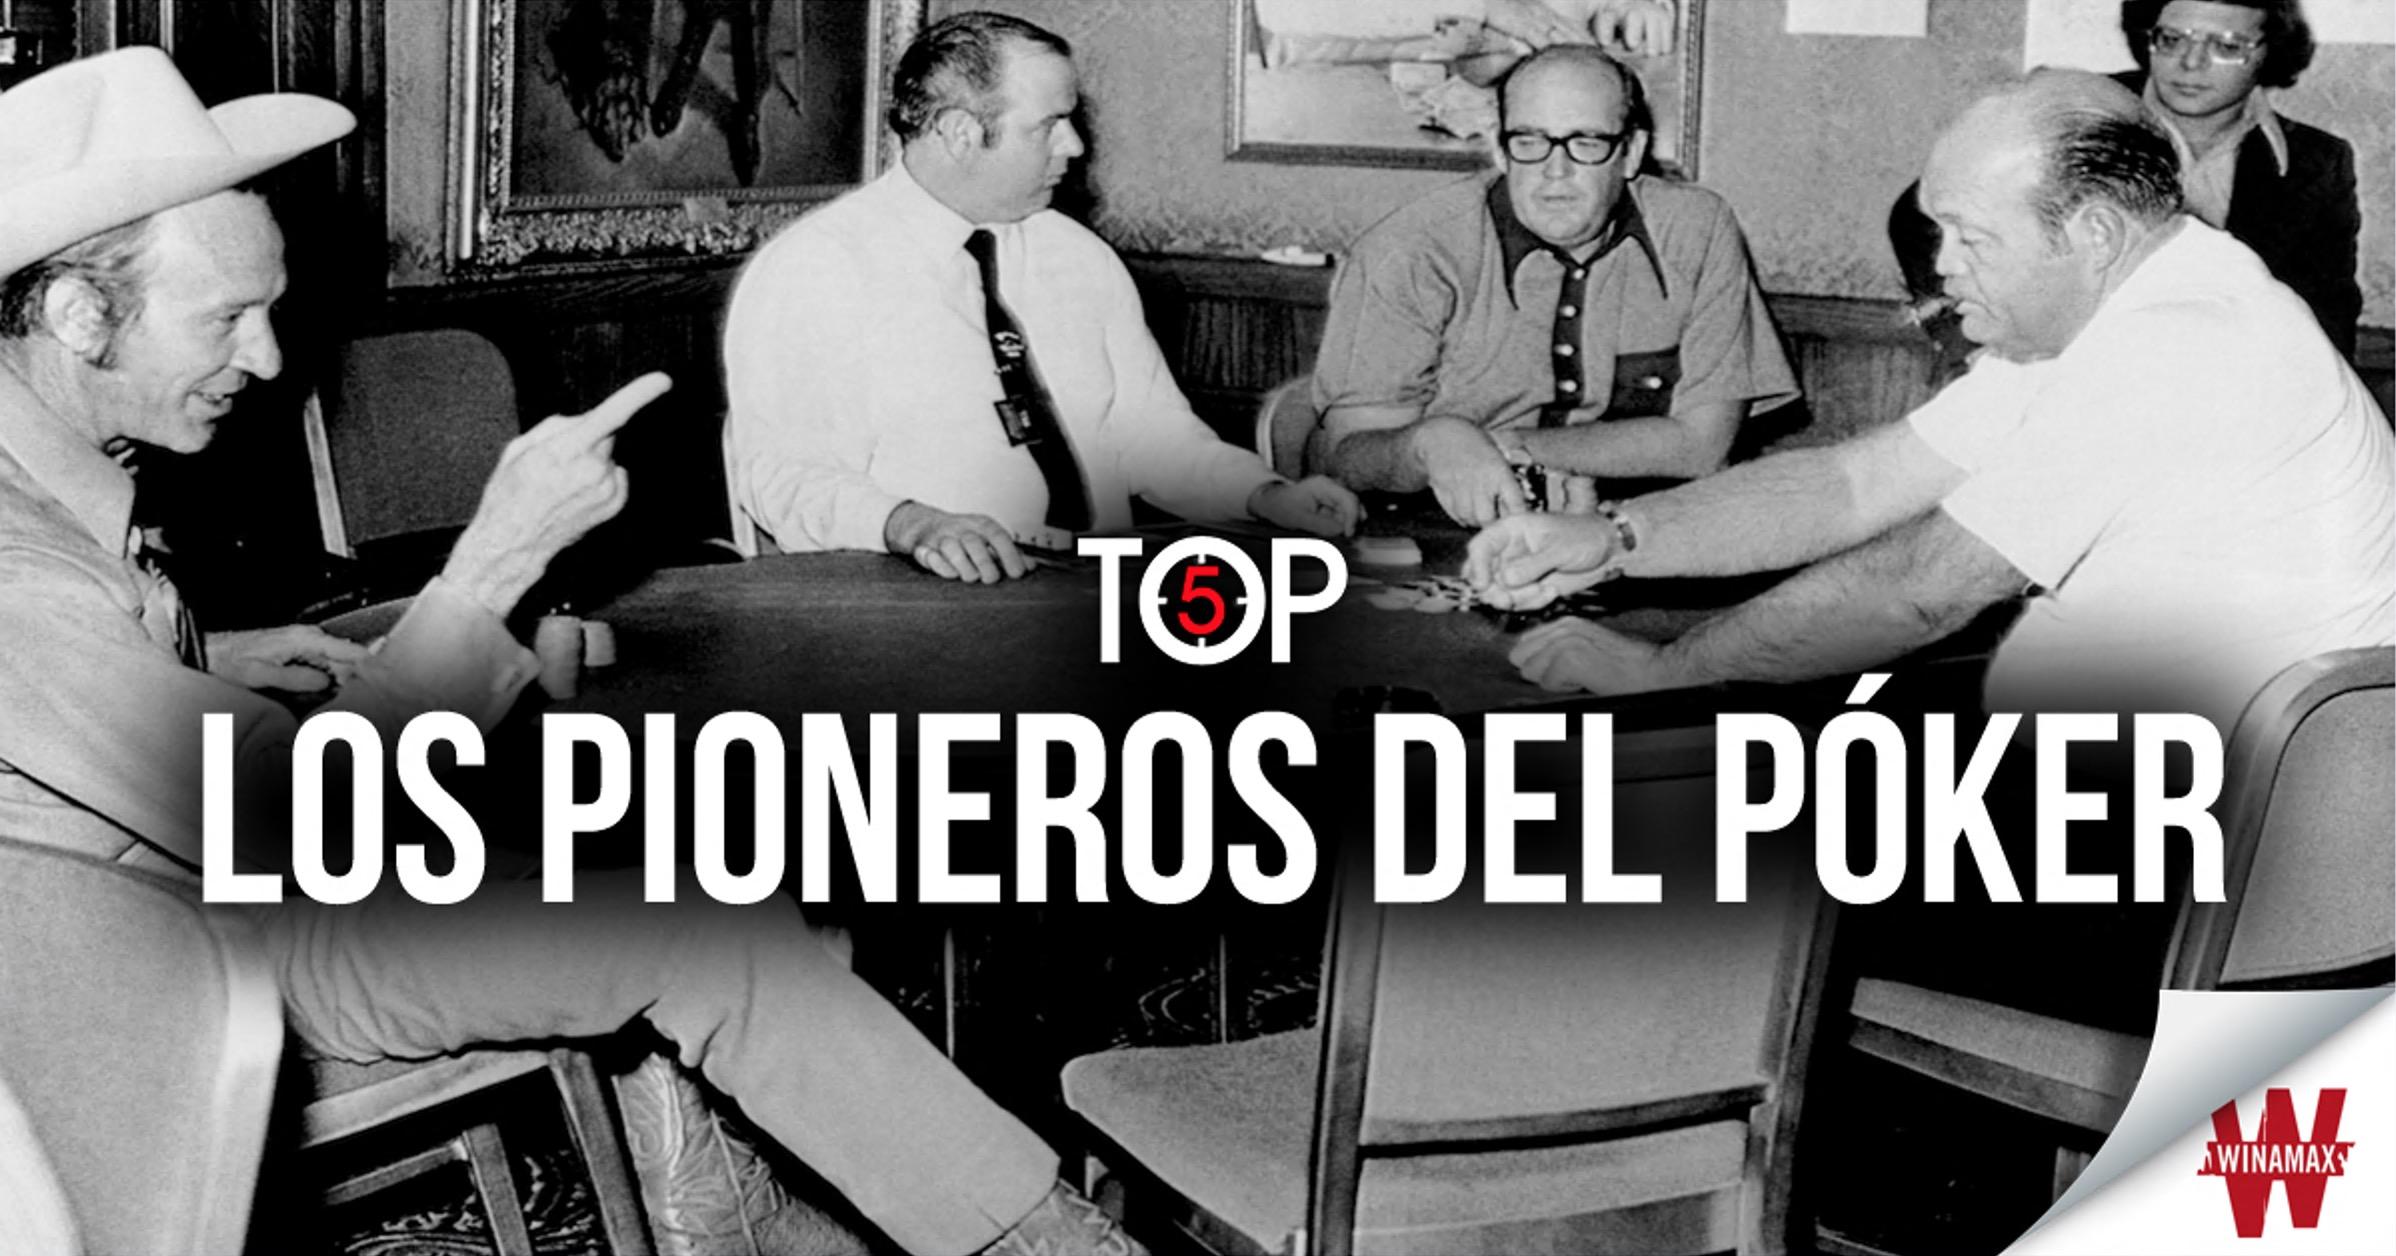 Pioneros del poker